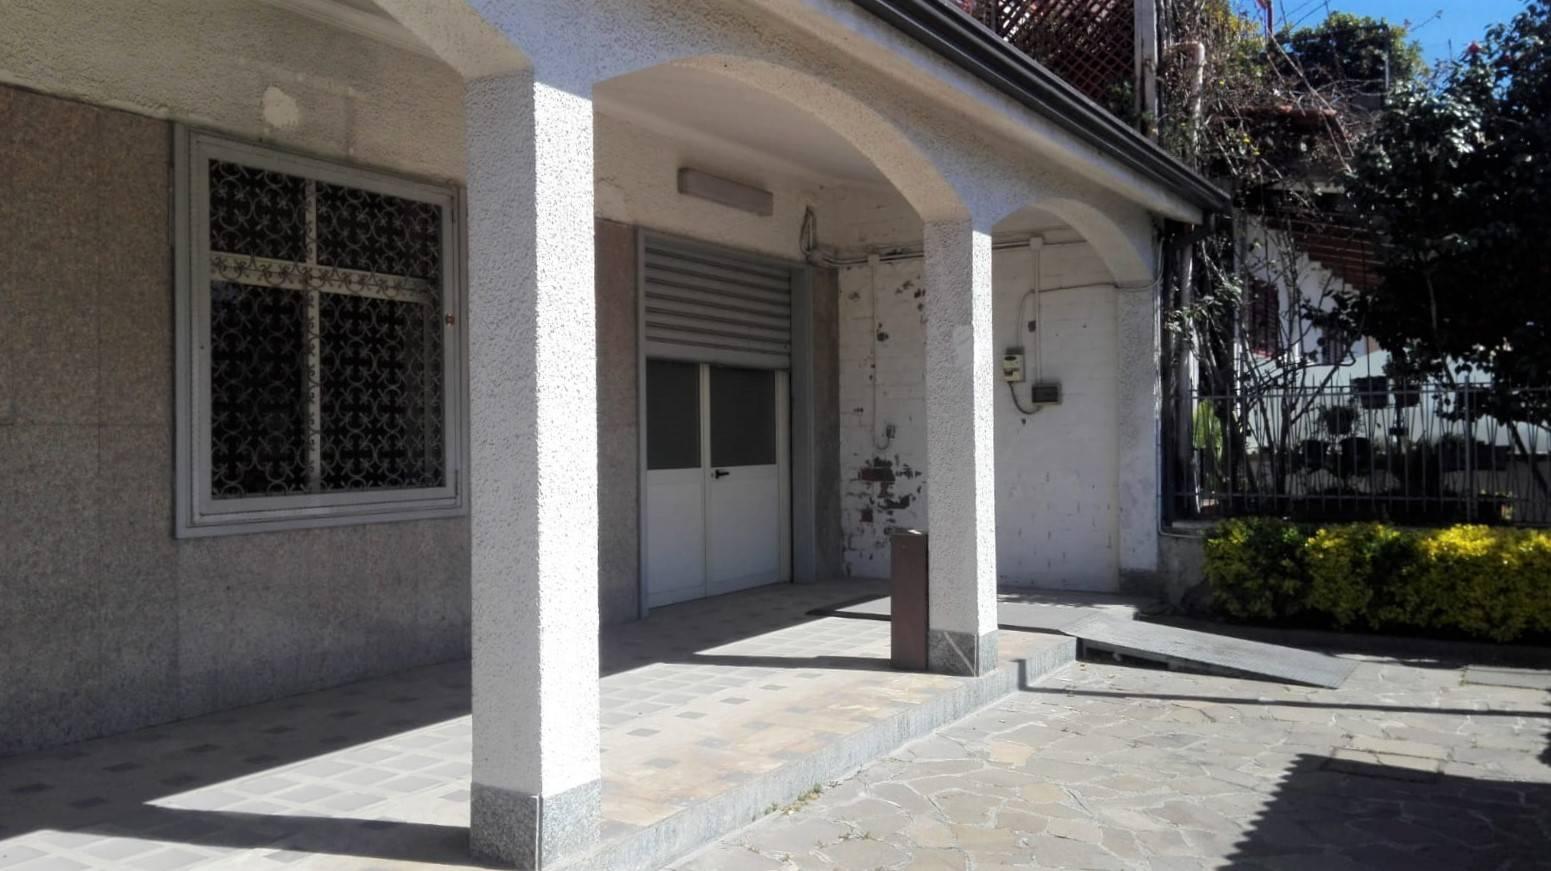 Negozio / Locale in affitto a Comiziano, 9999 locali, prezzo € 2.000   CambioCasa.it